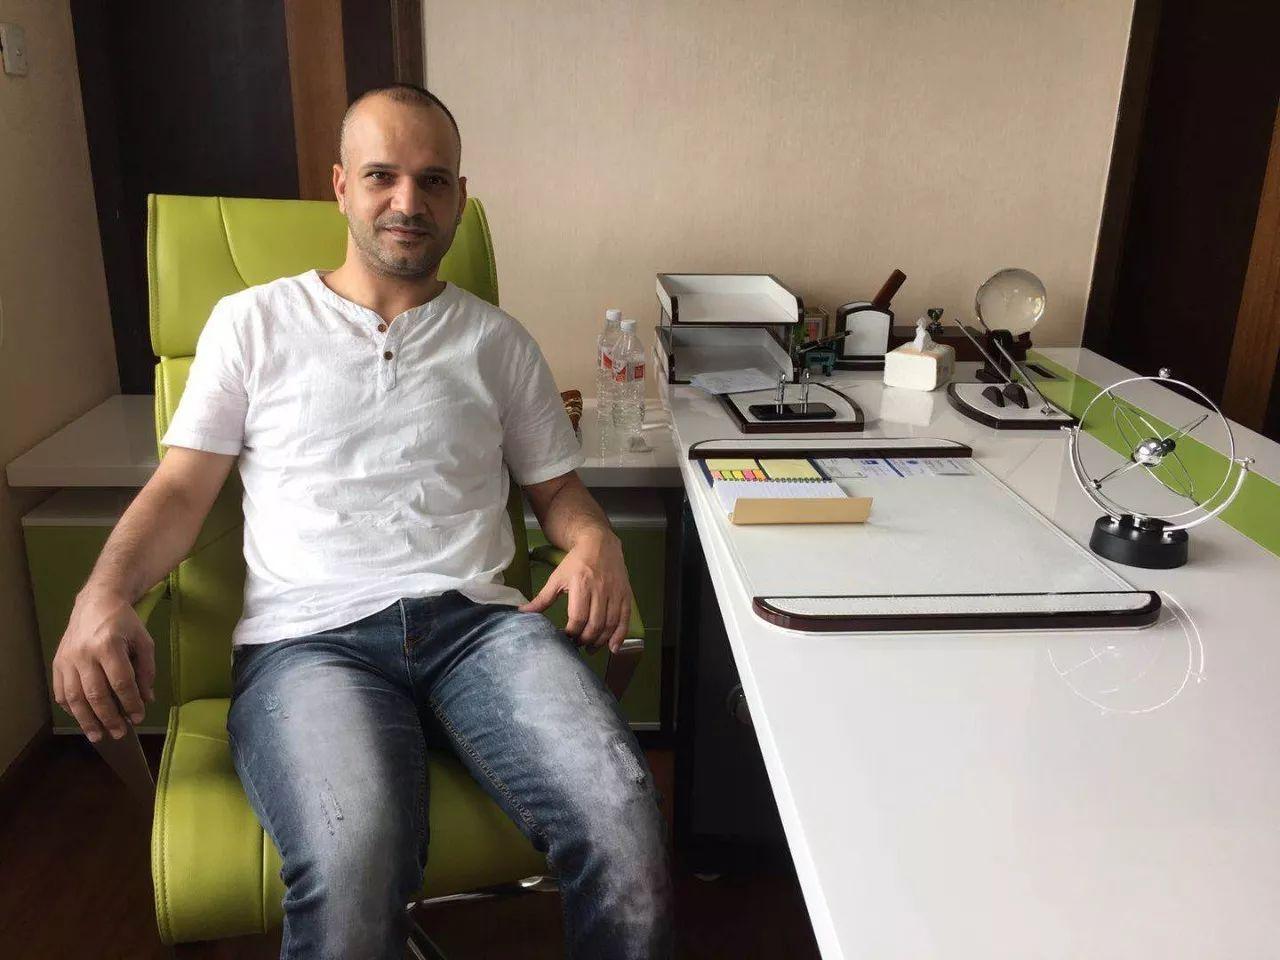 约旦商人穆罕奈德。他在义乌开了一家地道的阿拉伯餐馆。新京报记者宋超 摄